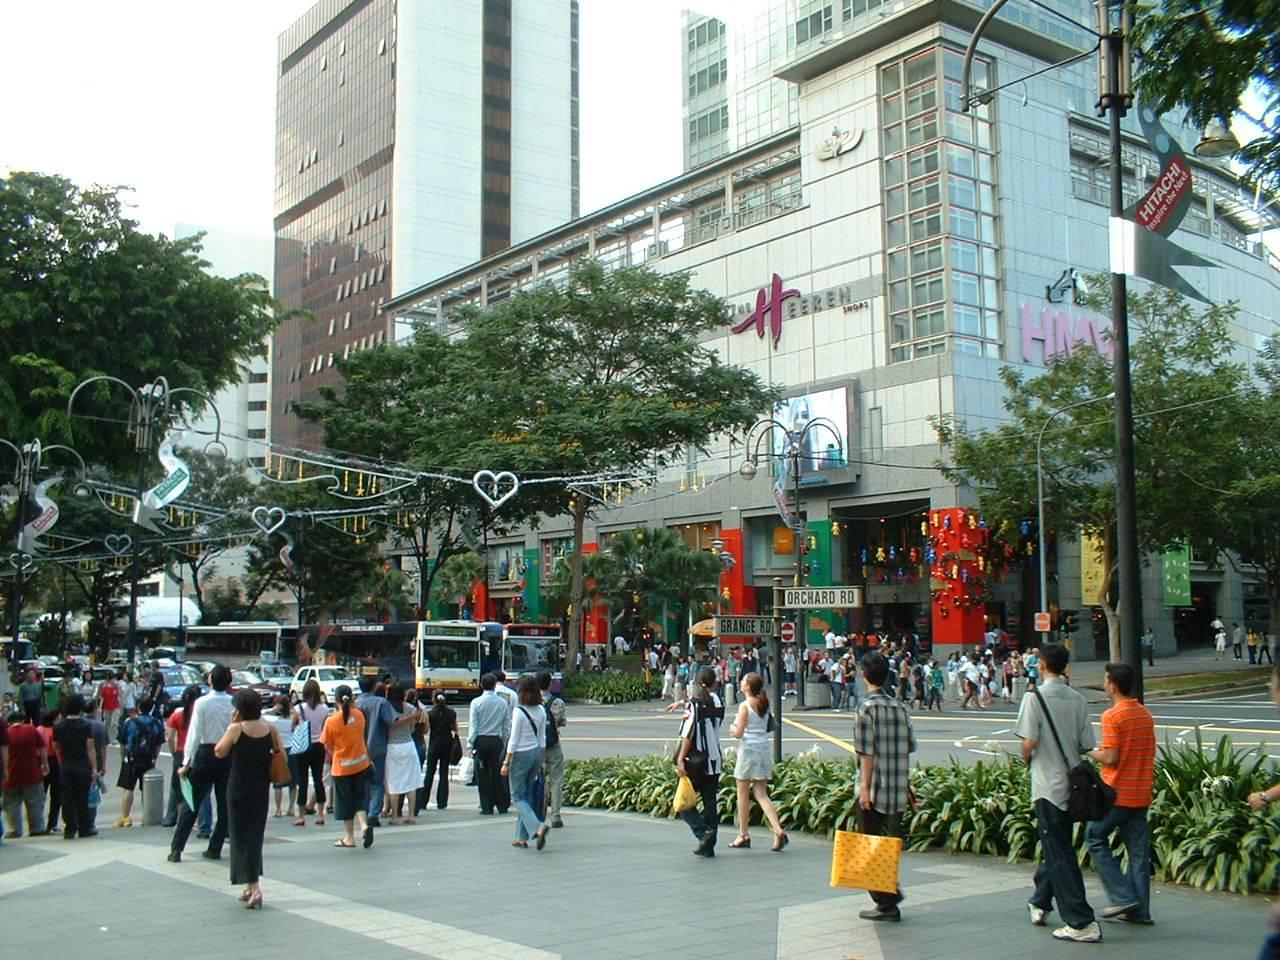 Thỏa thích mua sắm tại các trung tâm mua sắm lớn